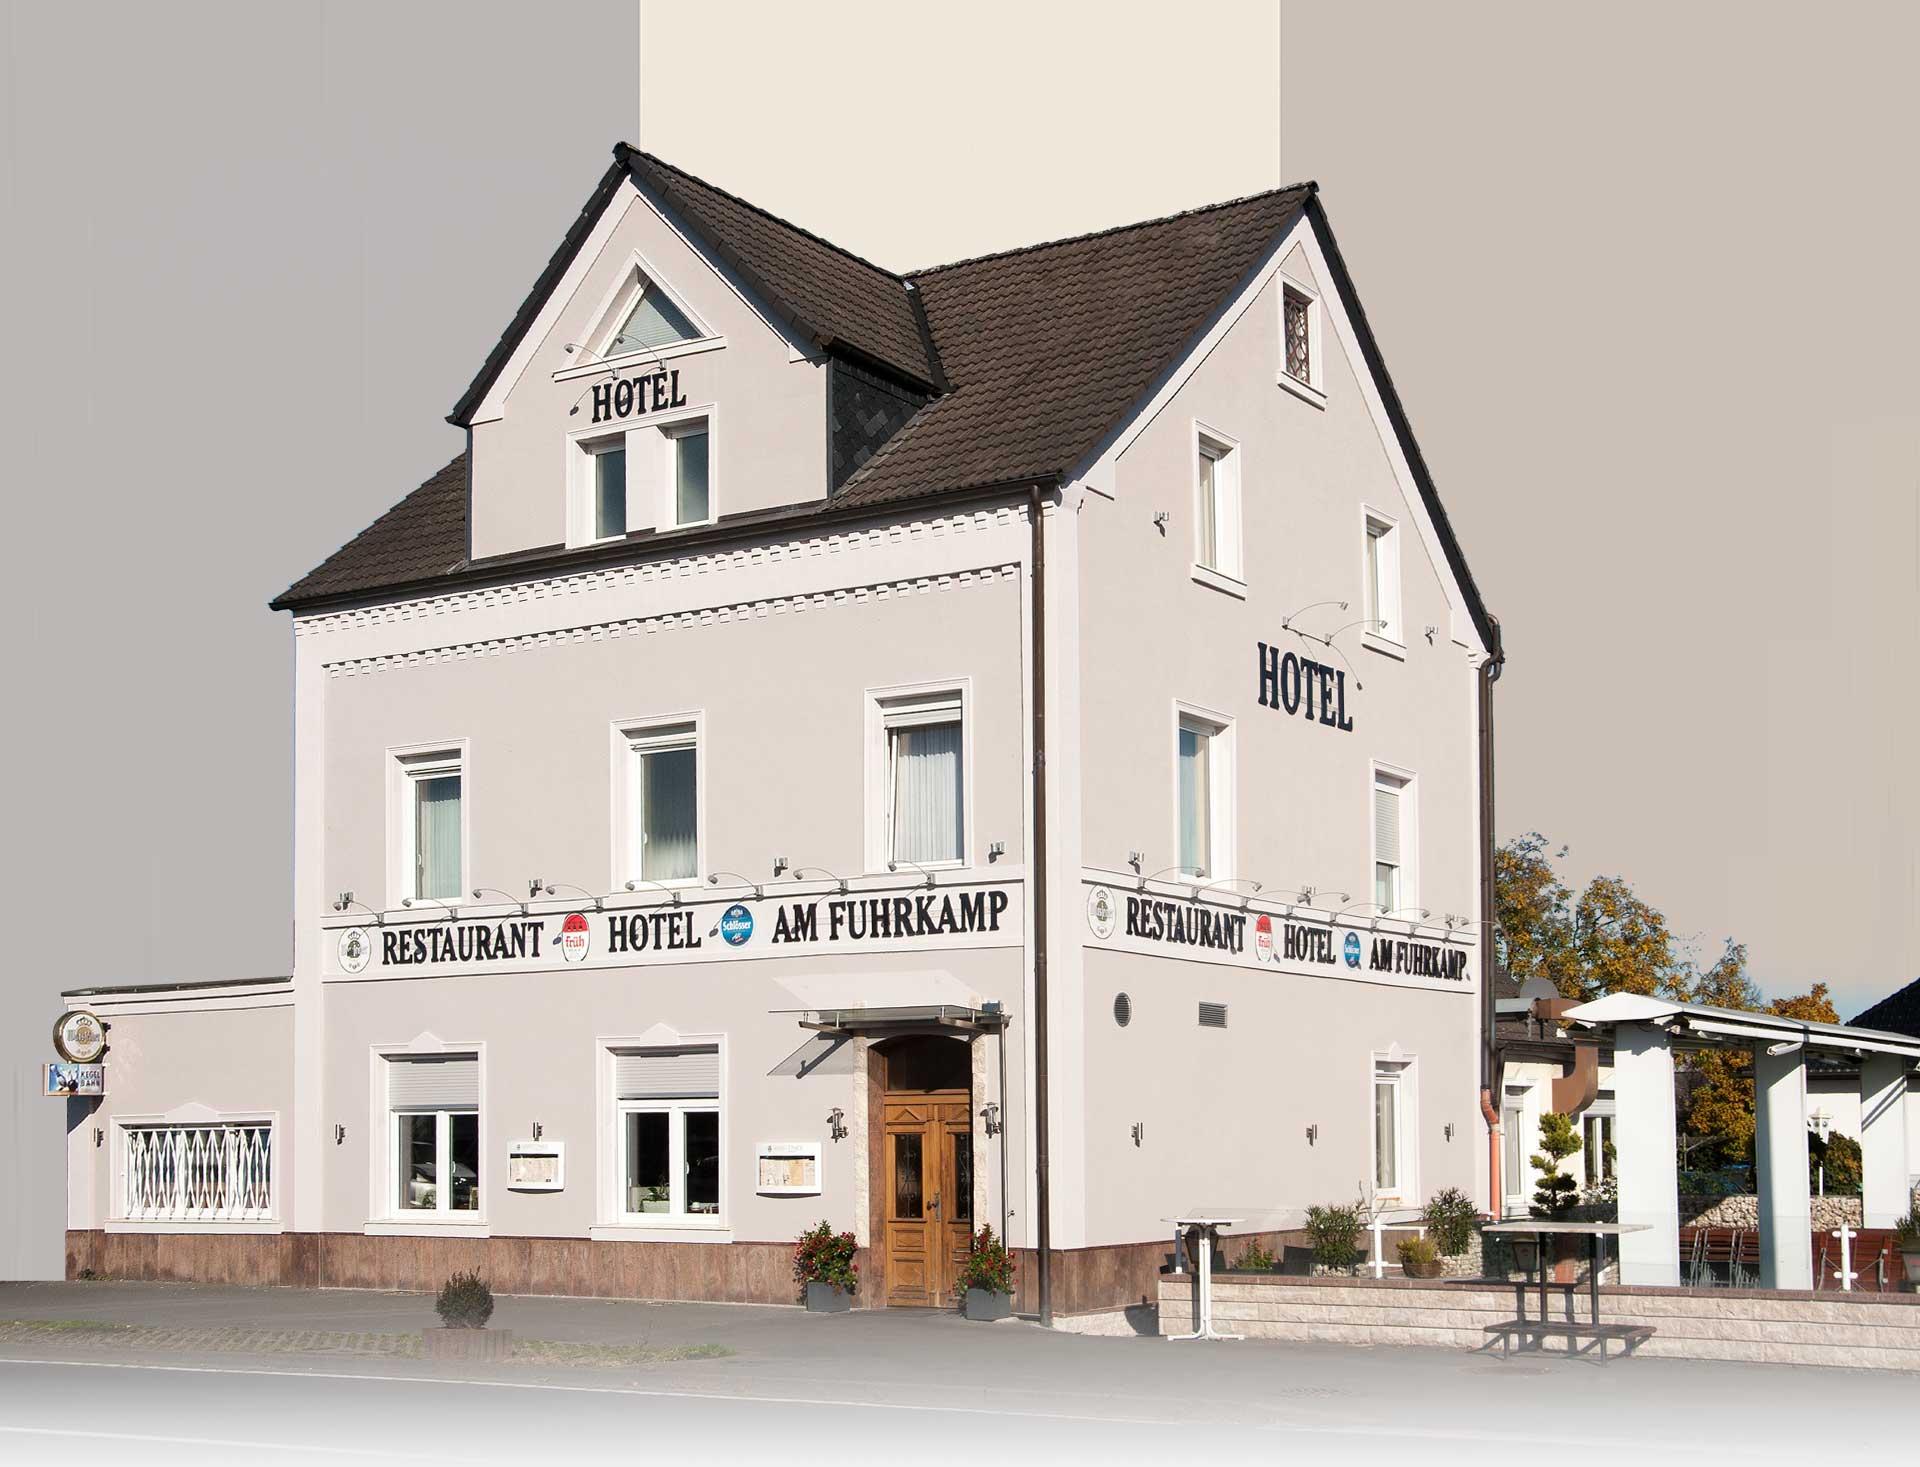 Hotel-Restaurant am Fuhrkamp in Langenfeld-Rheinland